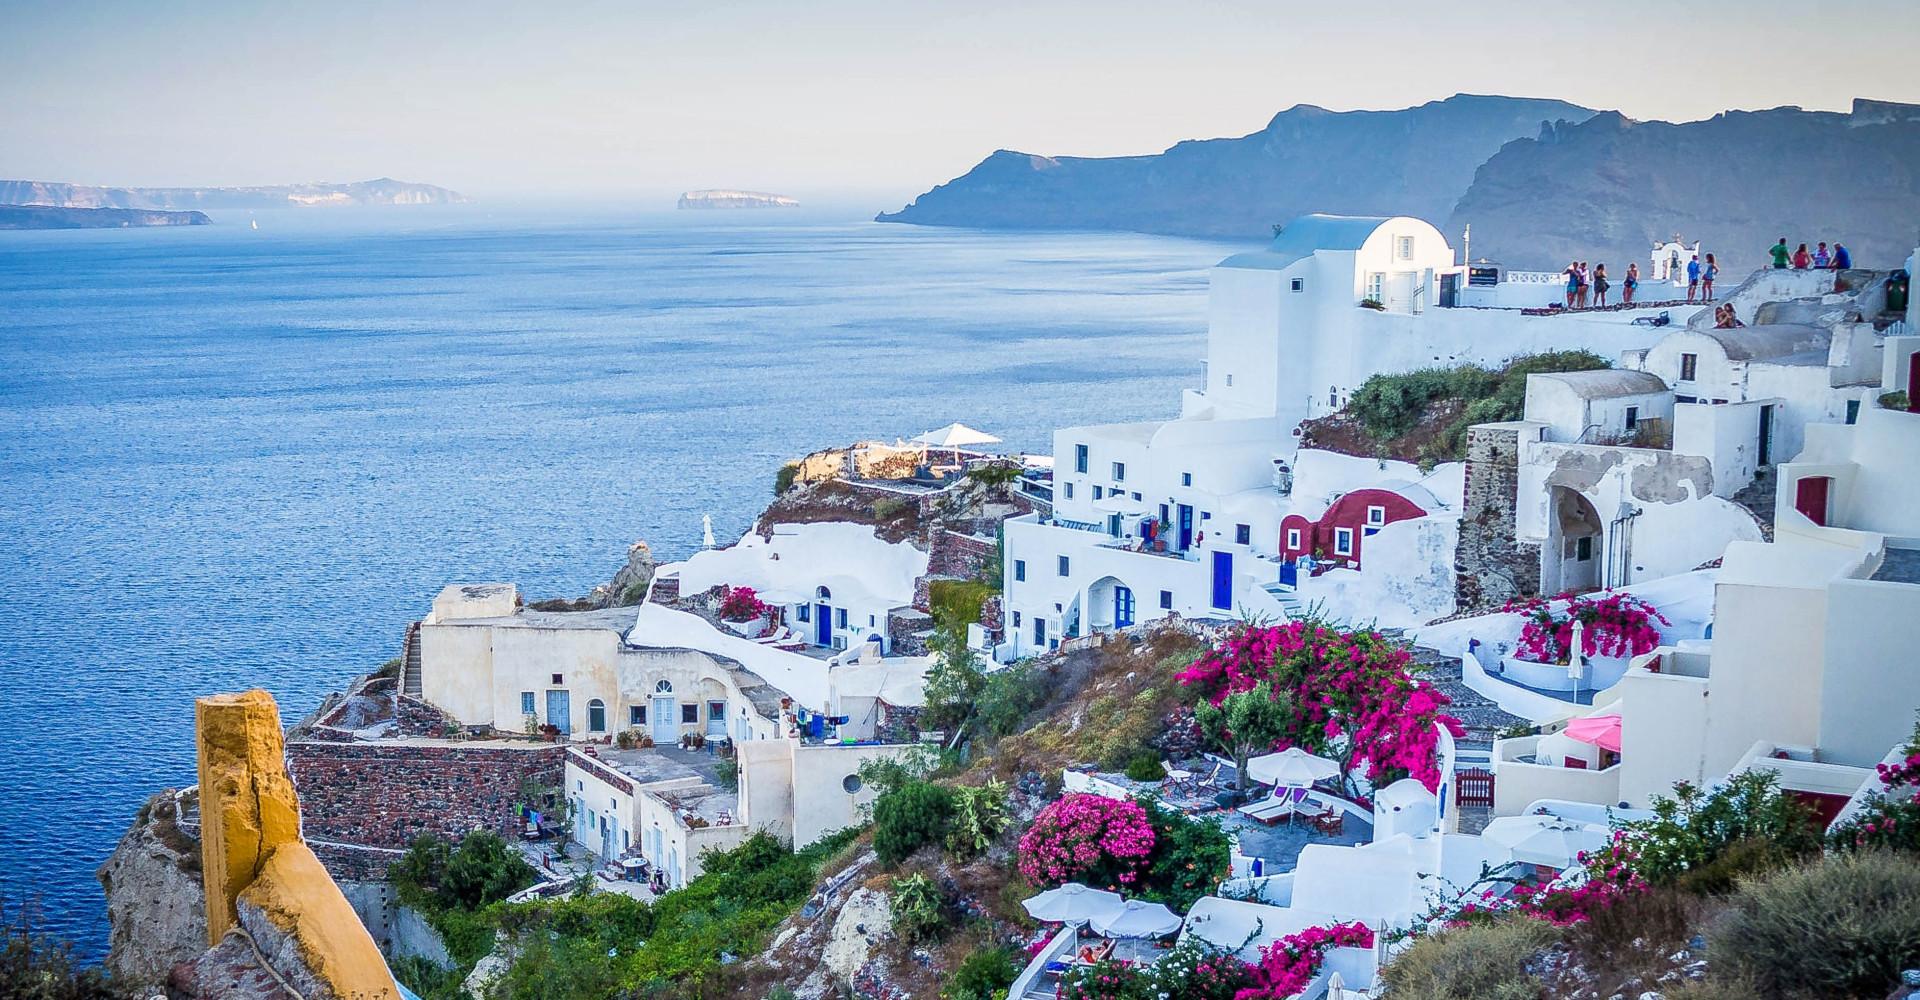 Kauneimmat ja maagisimmat saarilomakohteet